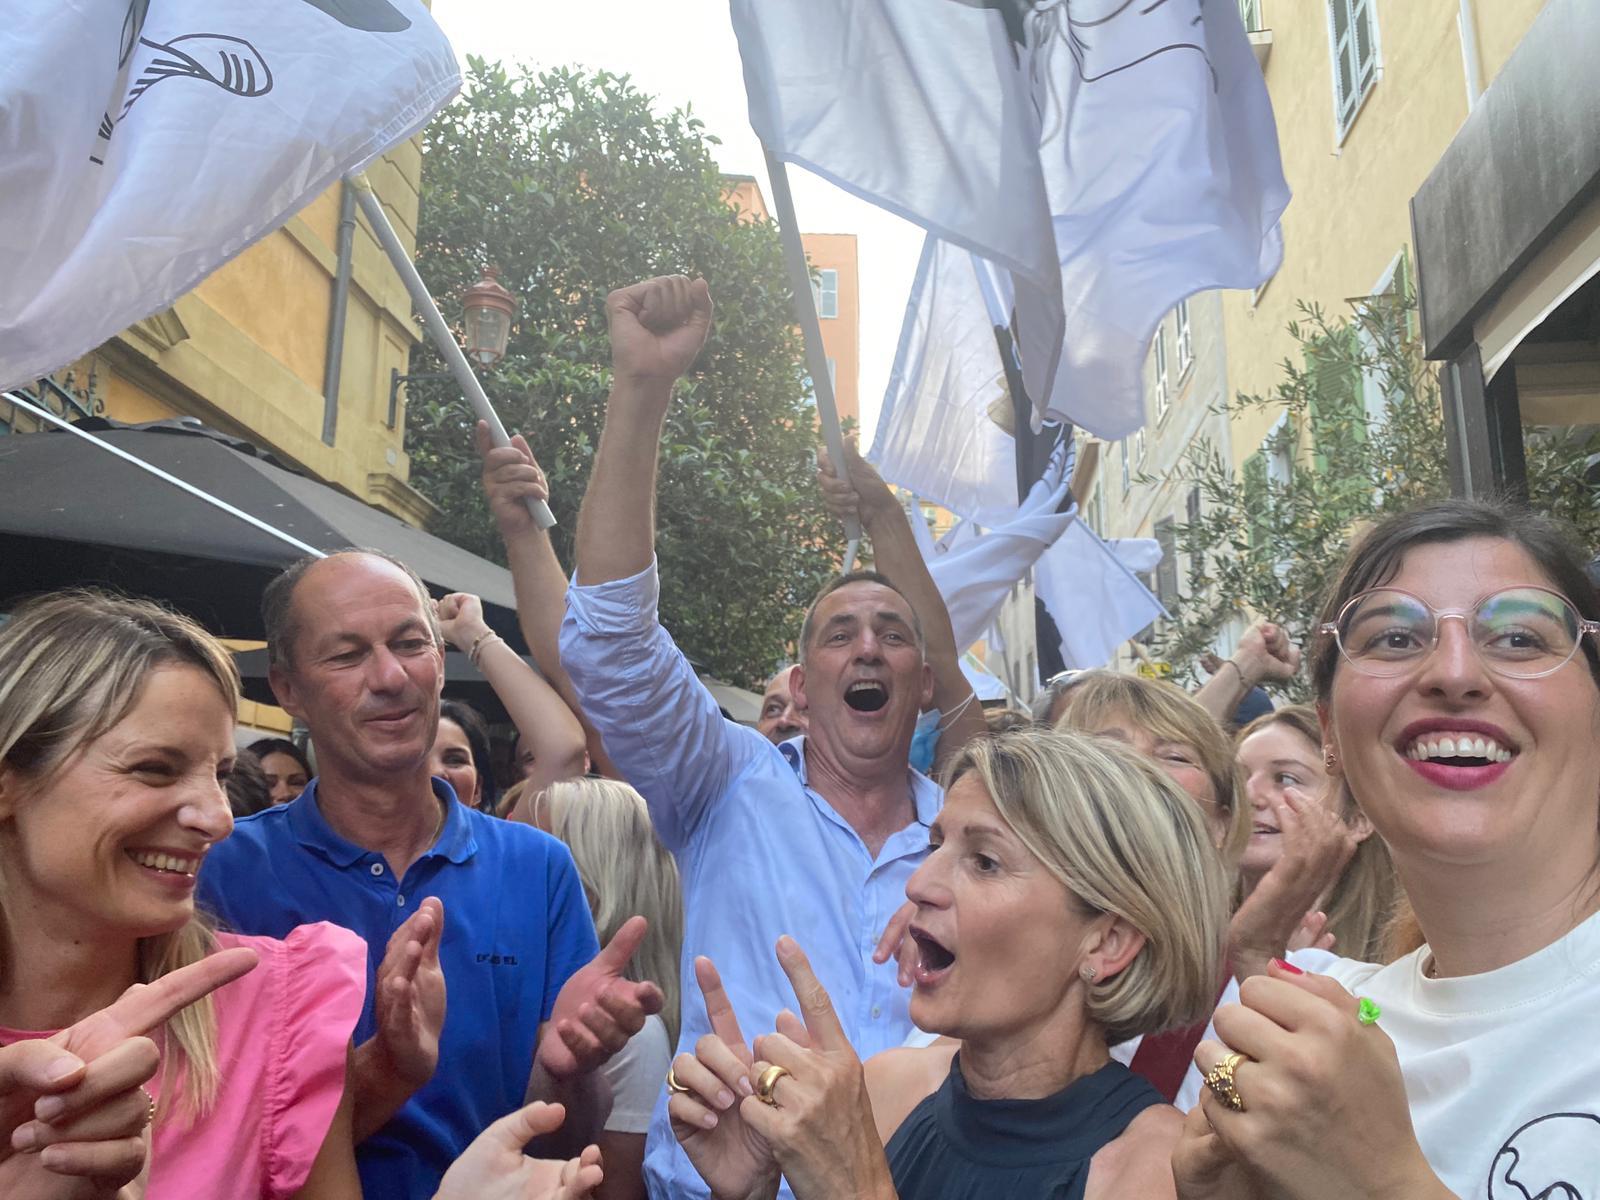 Le dimanche 27 juin à Bastia. Gilles Simeoni